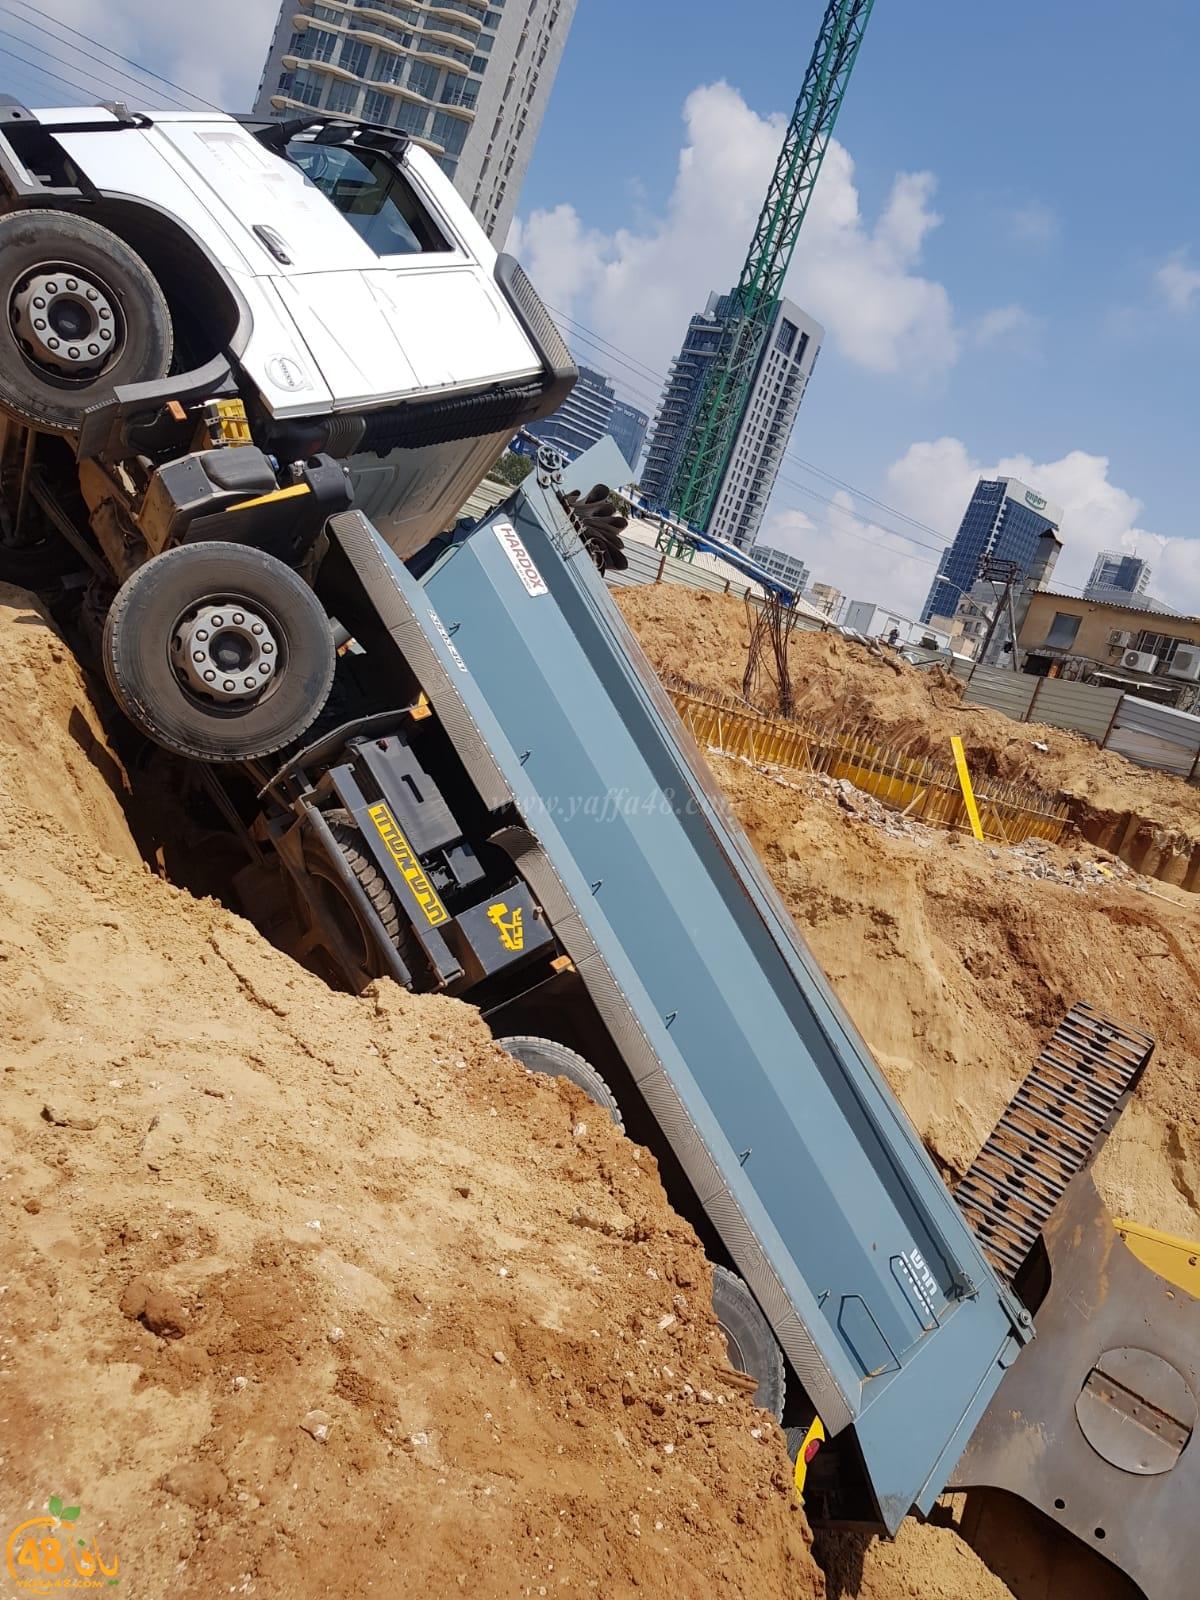 يافا: اصابة متوسطة لعامل اثر انقلاب جرّافة في ورشة بناء بالمدينة